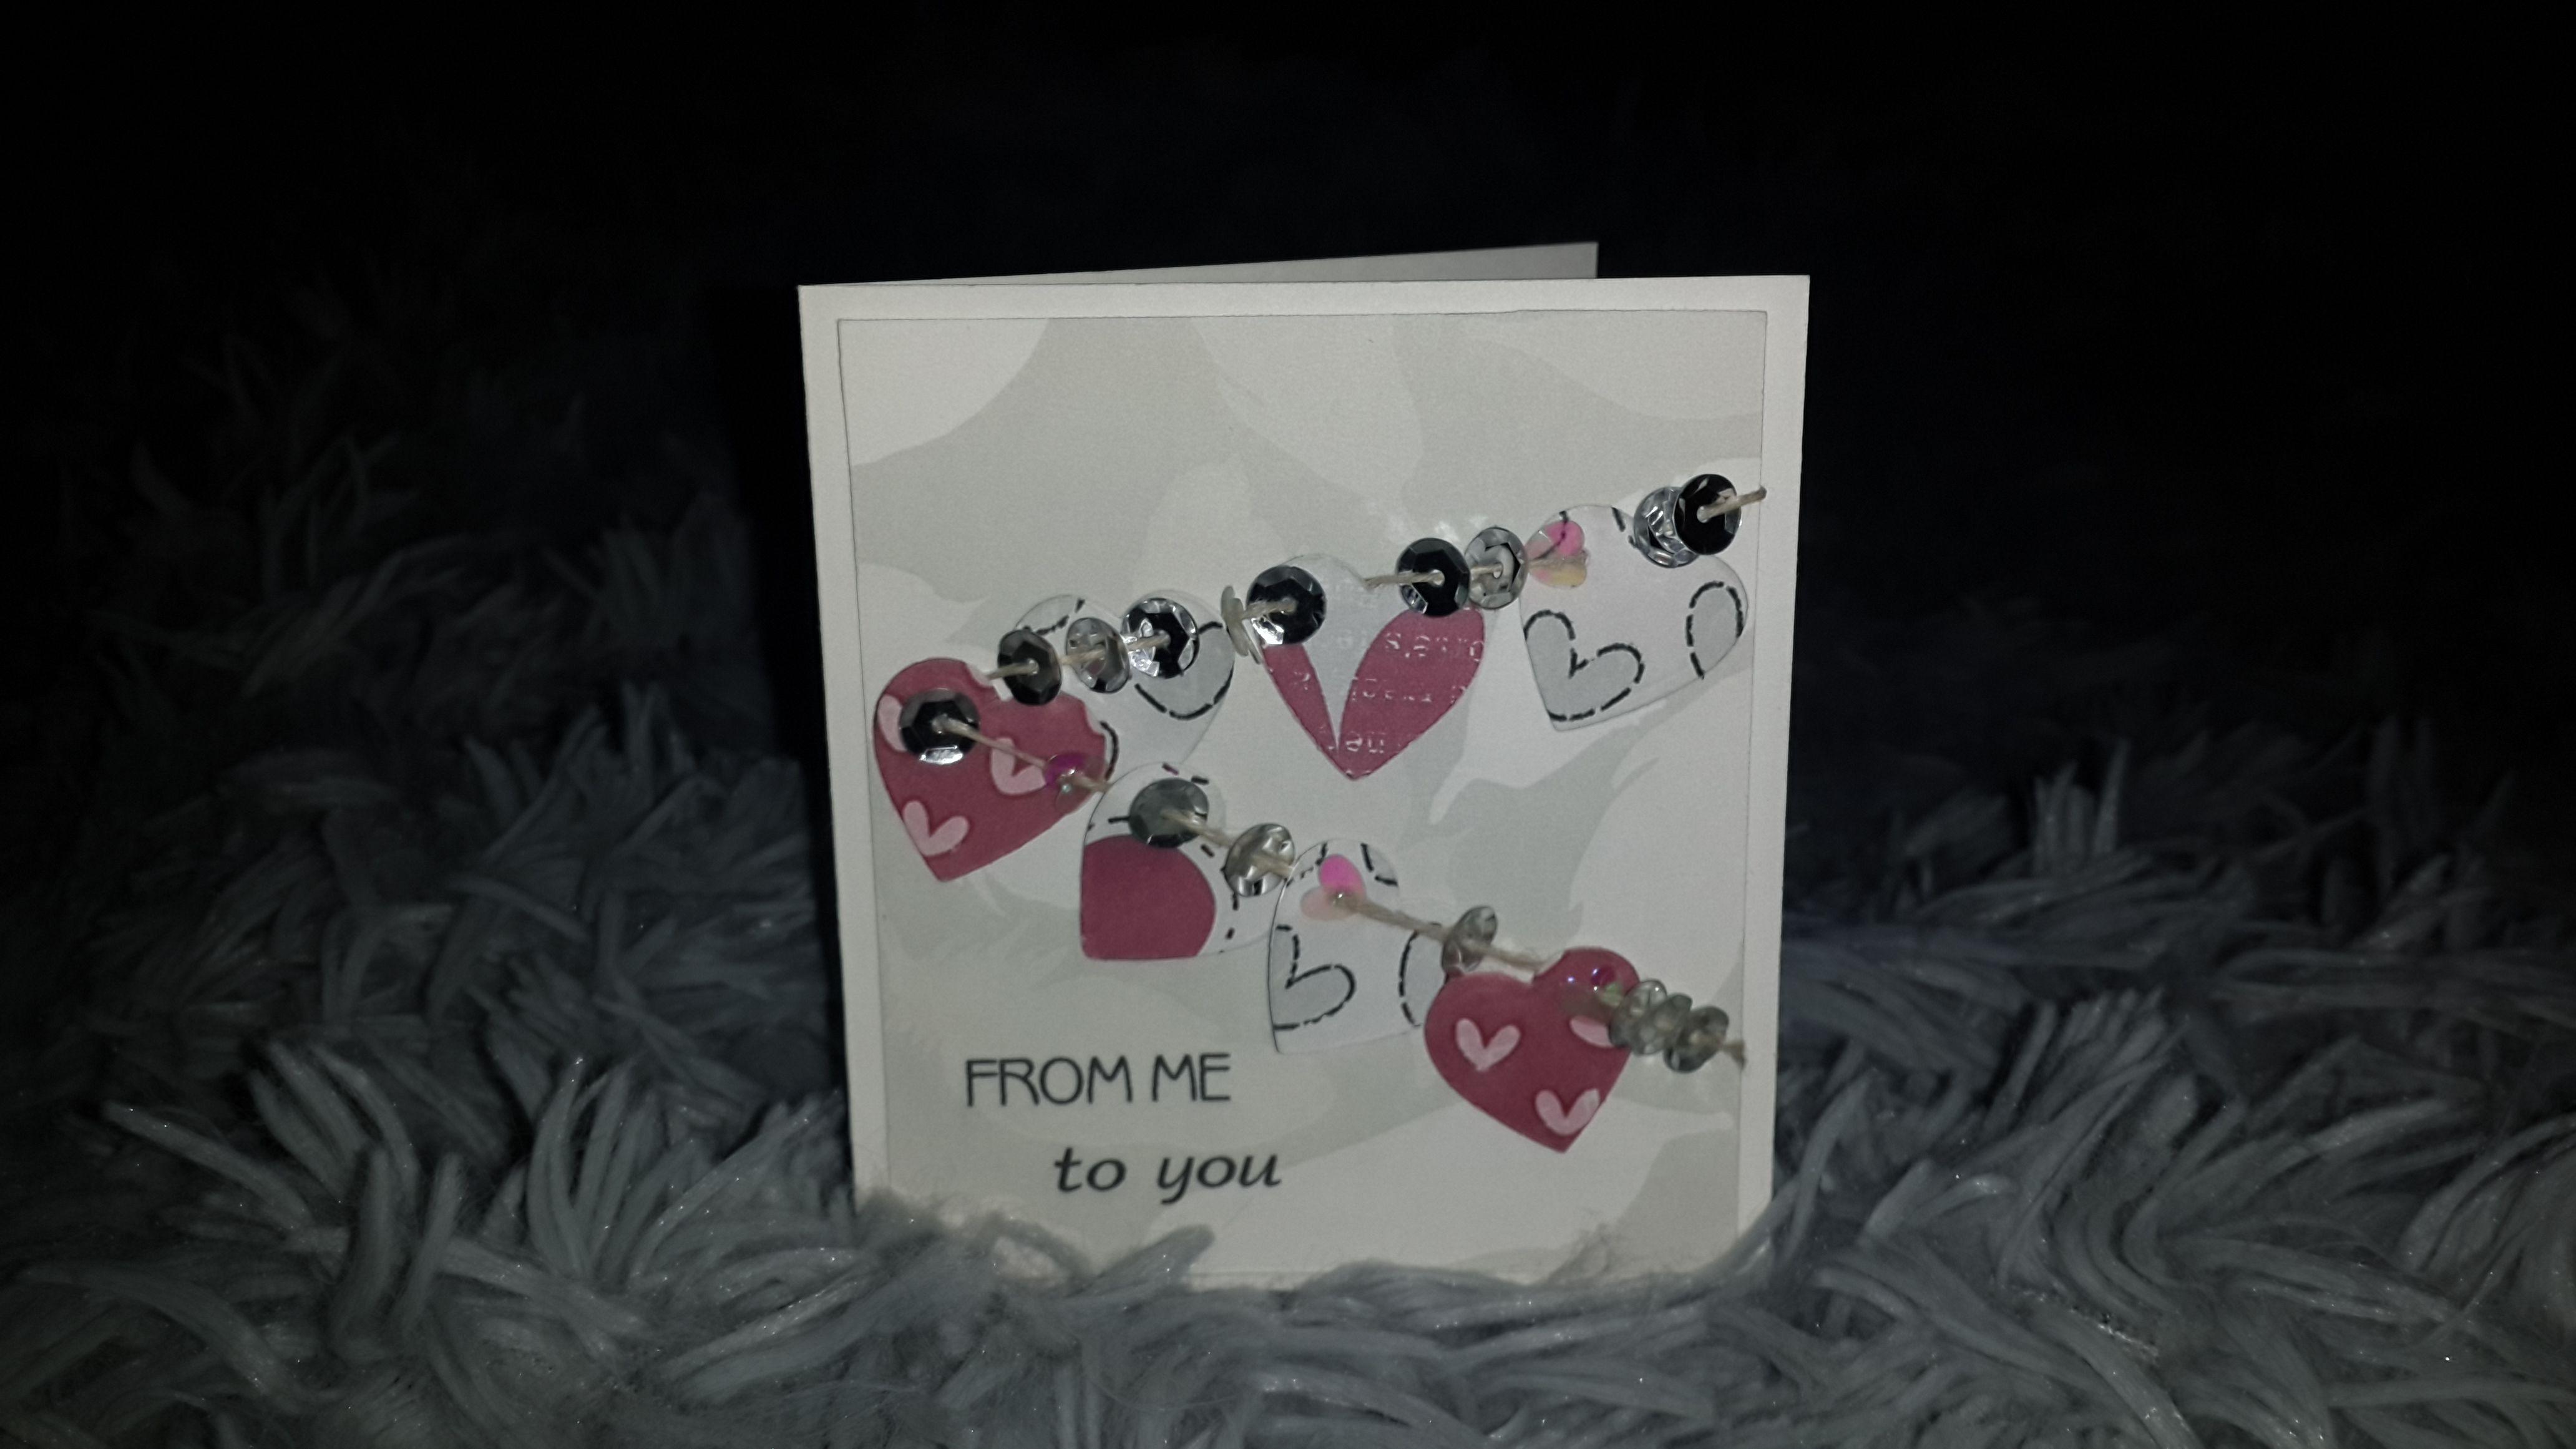 скрапбукинг валентинка сердце любовь ручная открытка скрапоткрытка работа